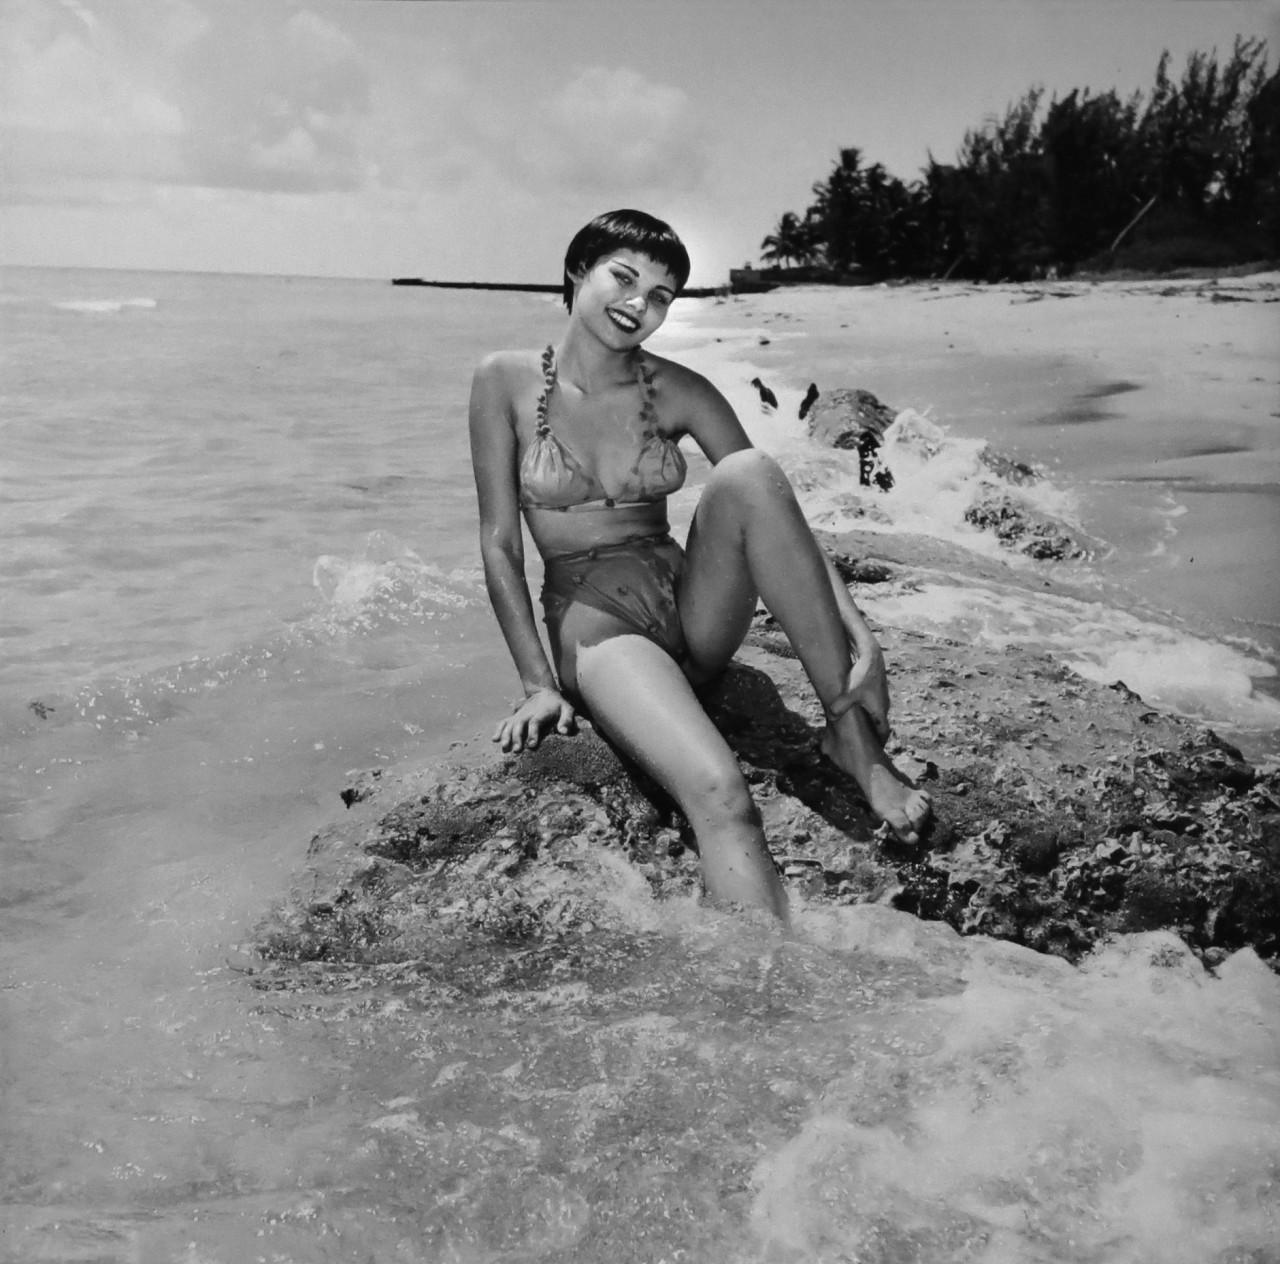 Джиджи Рейнольдс, 1953. Банни Йеджер